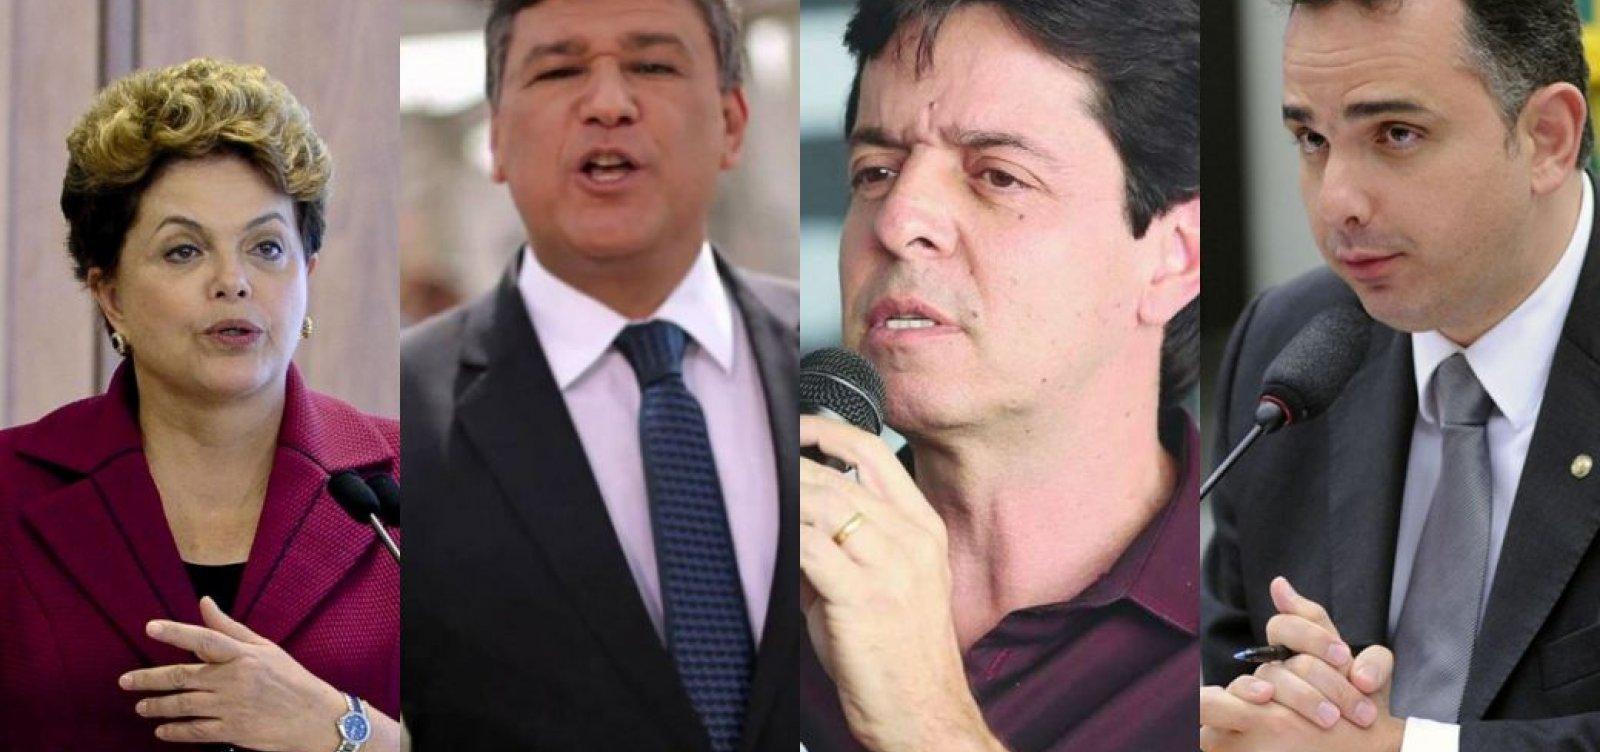 Senado MG: Dilma aparece em quarto lugar com 15% em boca de urna do Ibope